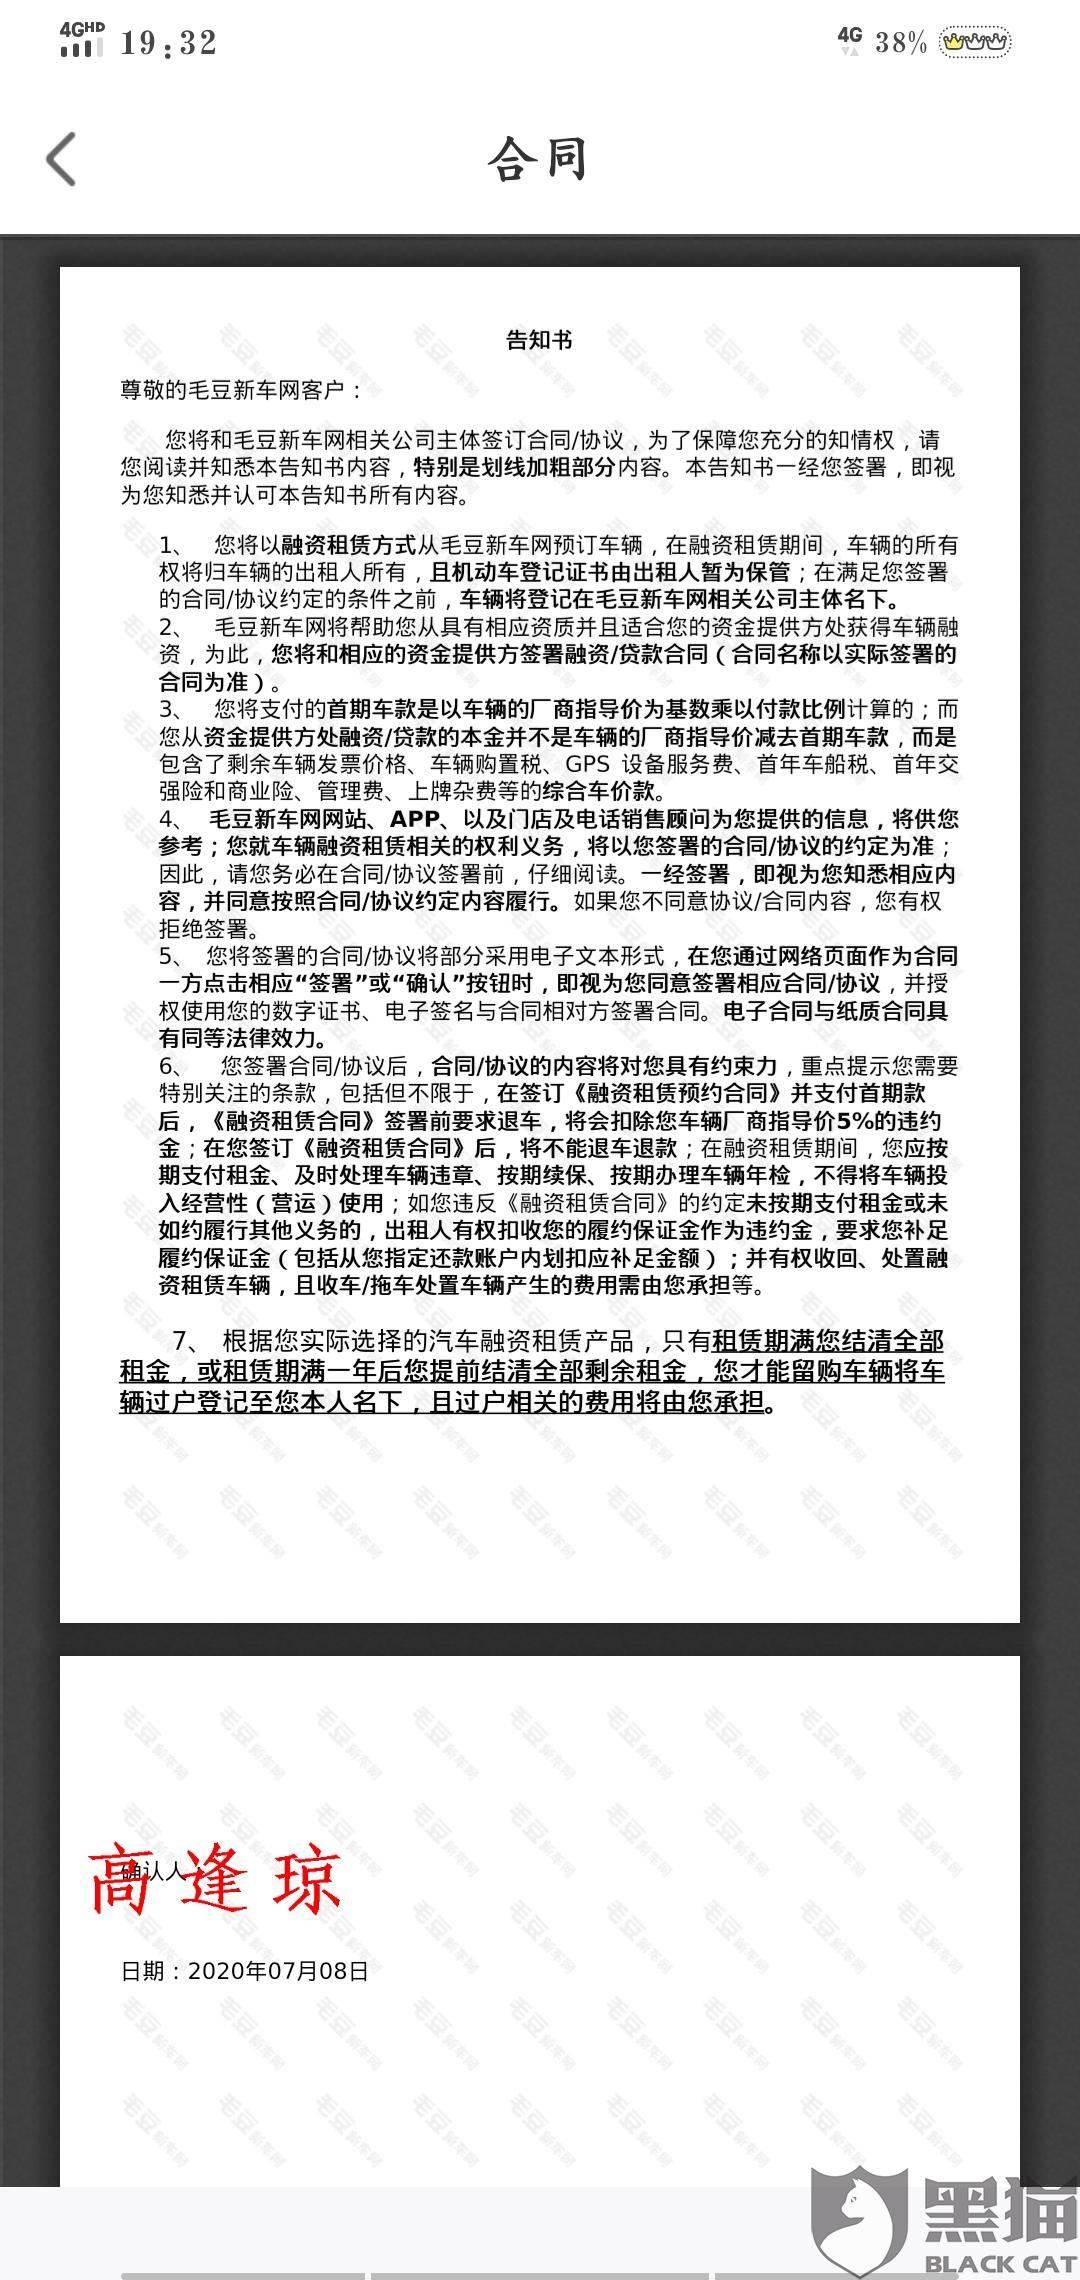 黑猫投诉:武汉毛豆新车汉阳店